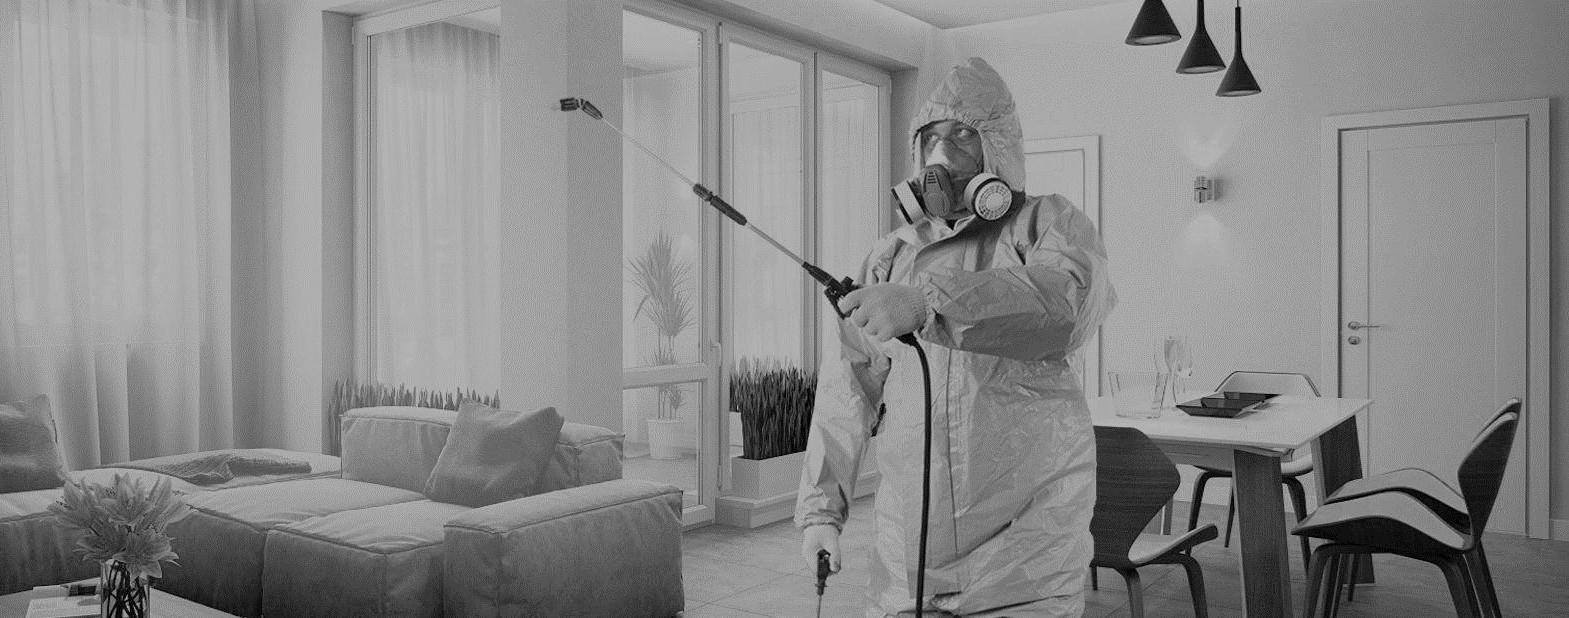 Дезодорация помещения